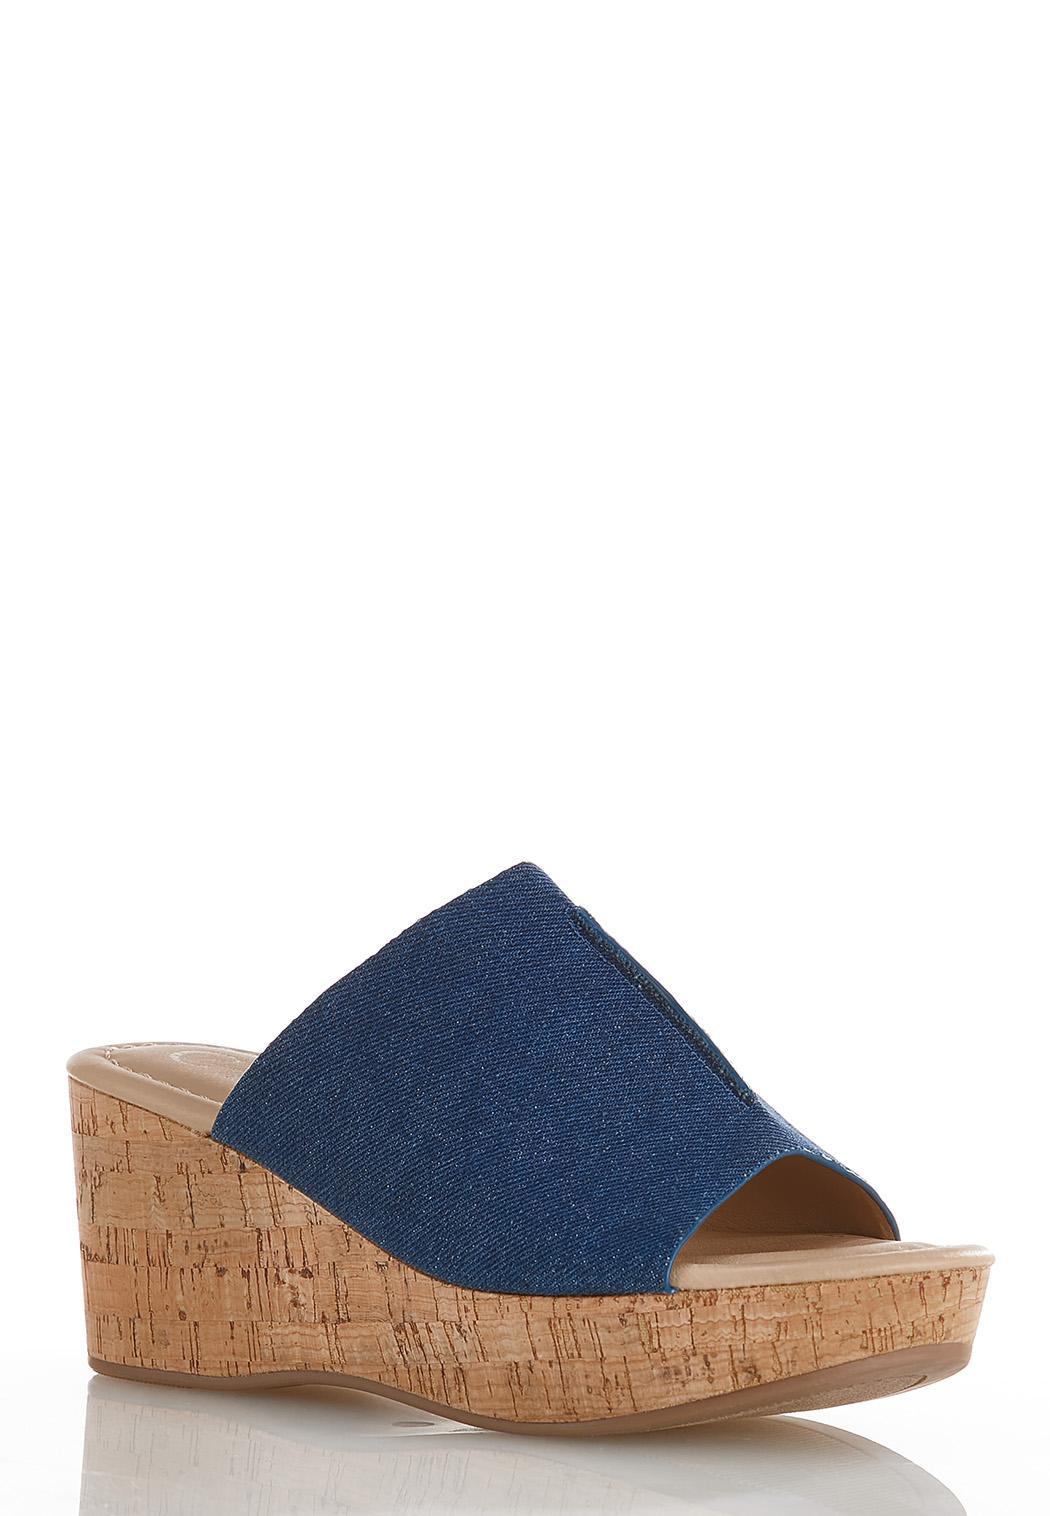 Denim Cork Wedge Sandals